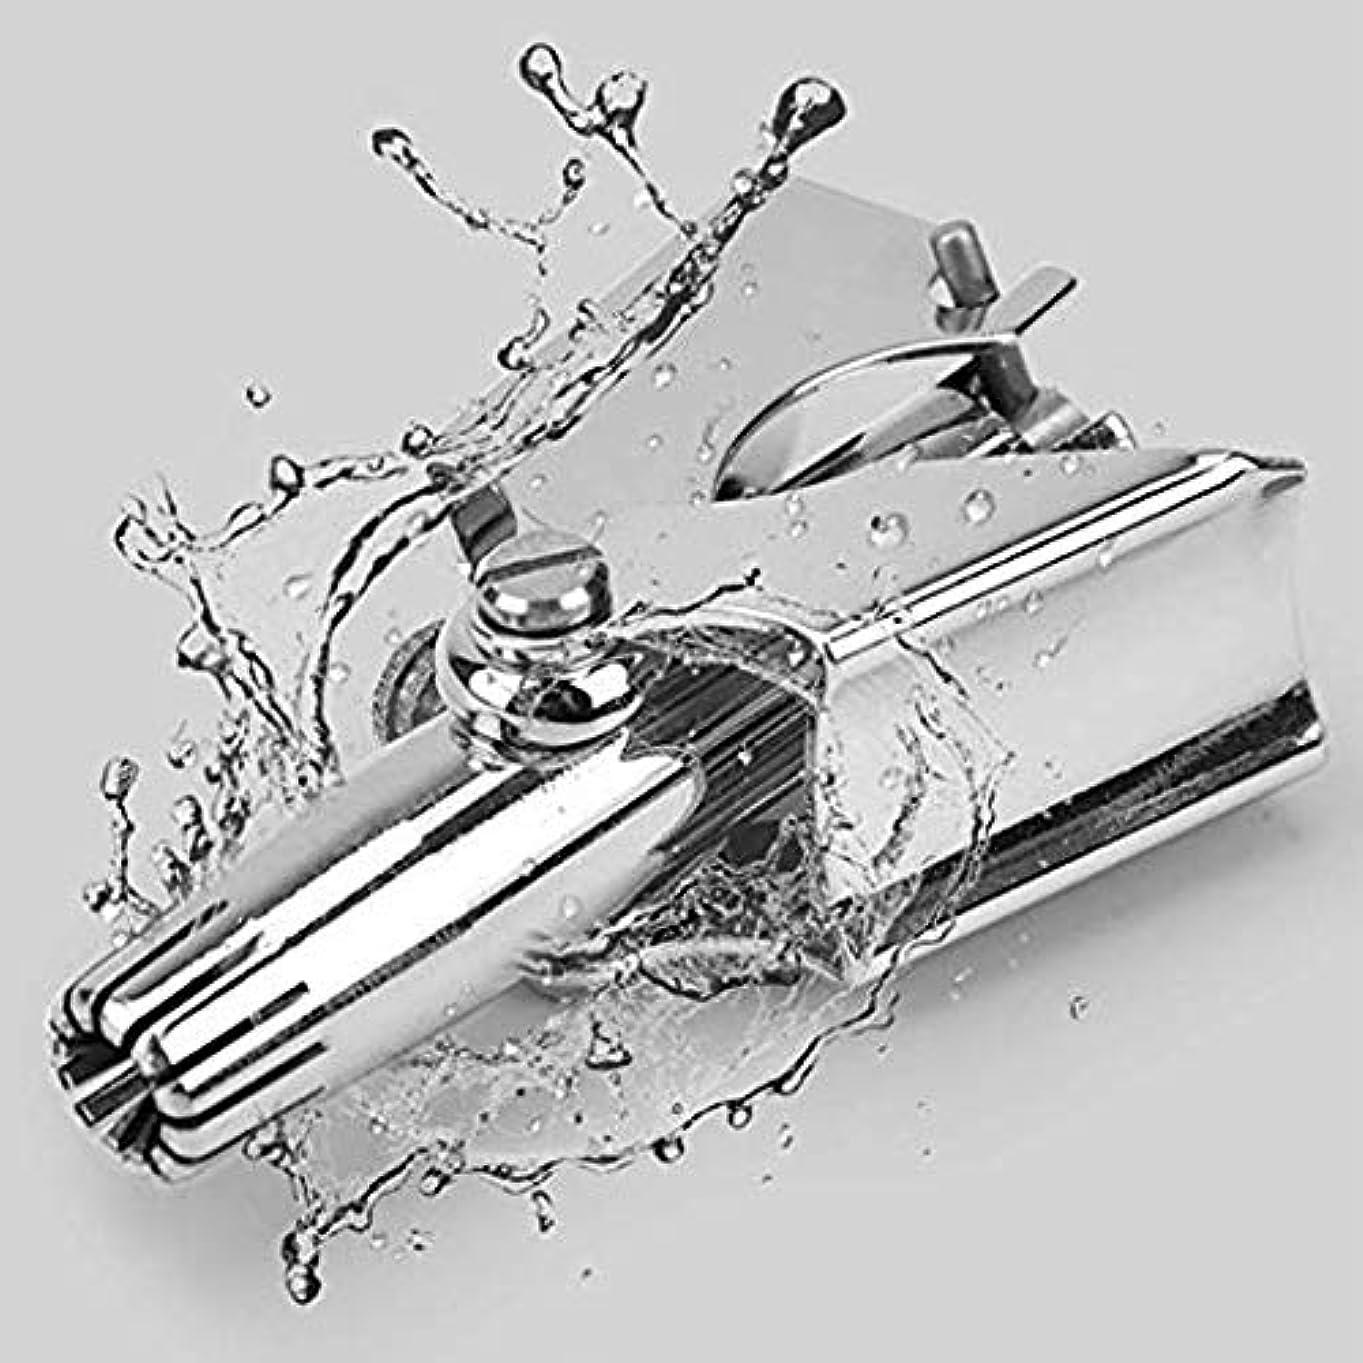 耳と鼻の毛トリマー、男性と女性のための手動鼻毛トリマー、完璧なステンレス鋼の鼻トリマーはさみ-シルバー(バッテリー不要) (Color : Silver)